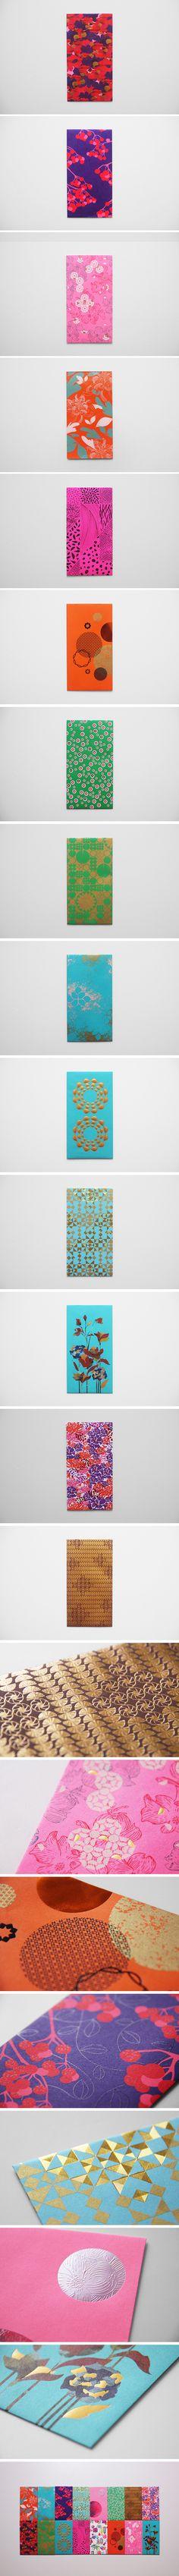 CNY Pocket For Polytrade Paper by Ken Lo